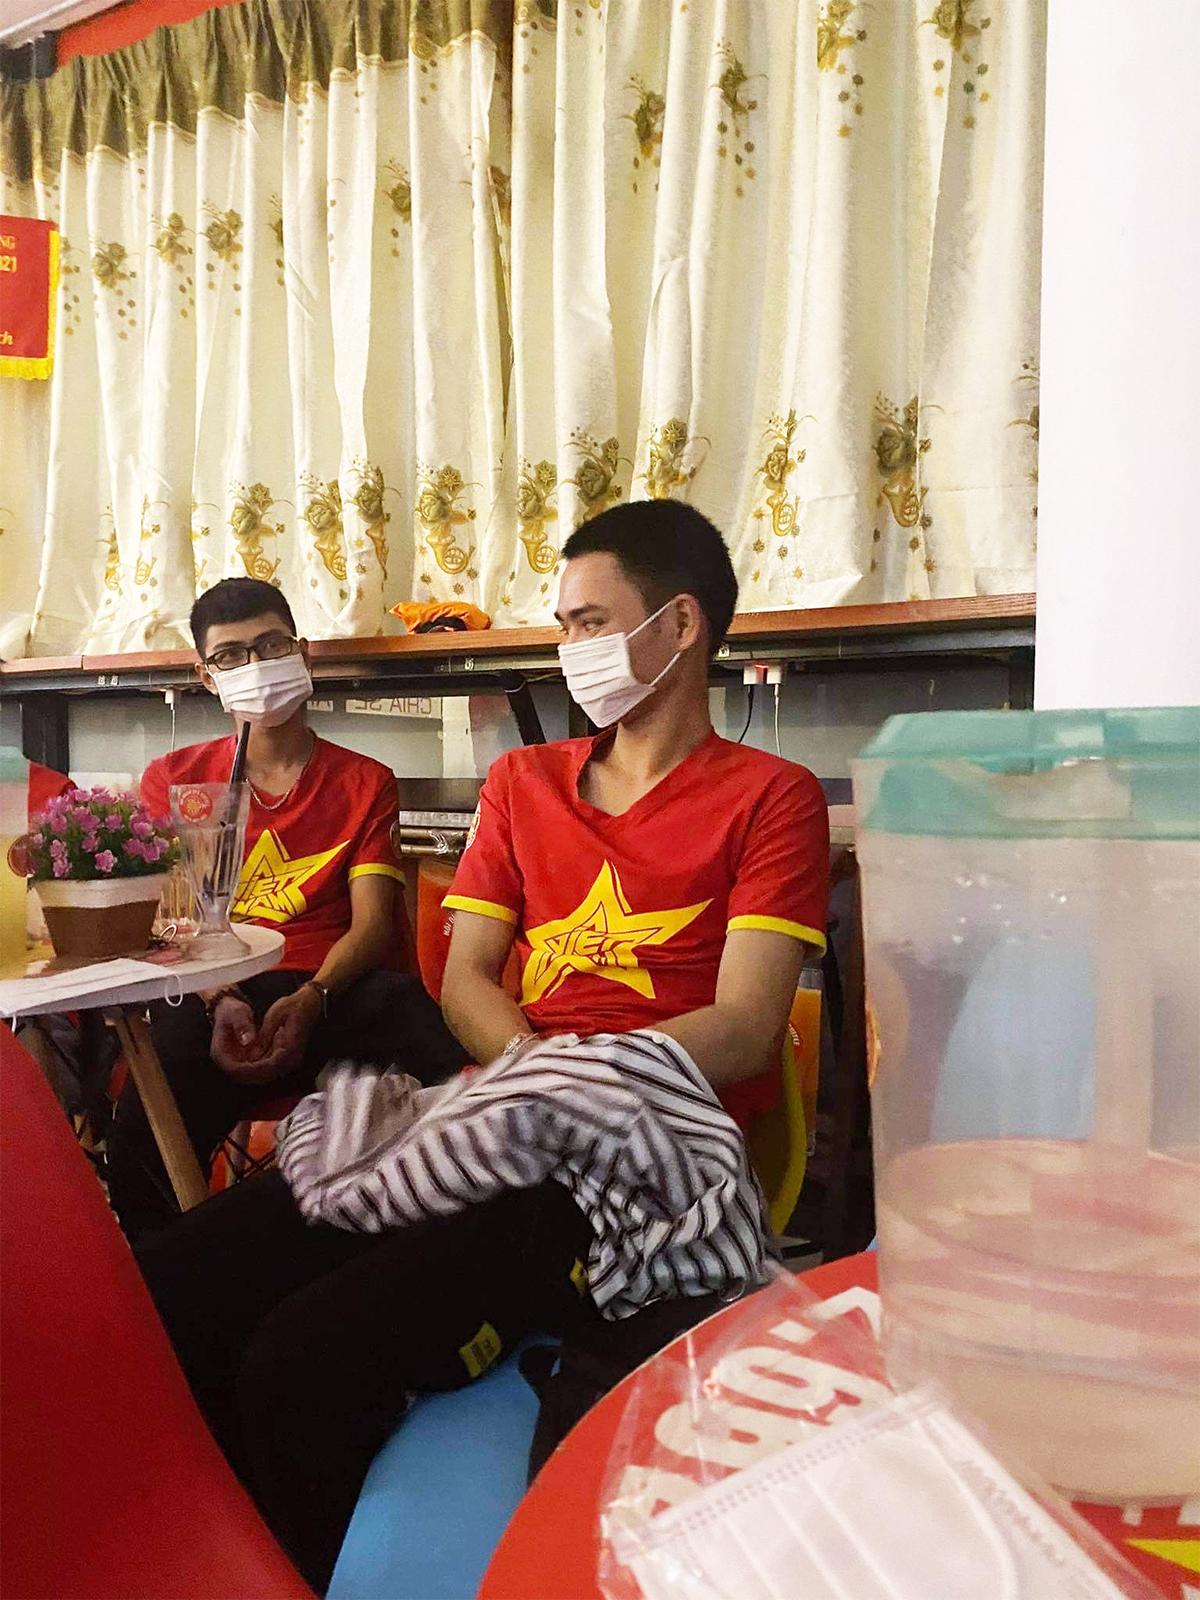 Việt Nam thắng Indonesia 4-0 giữa mùa dịch: Người đeo khẩu trang, người đóng cửa cổ vũ - hình ảnh 6